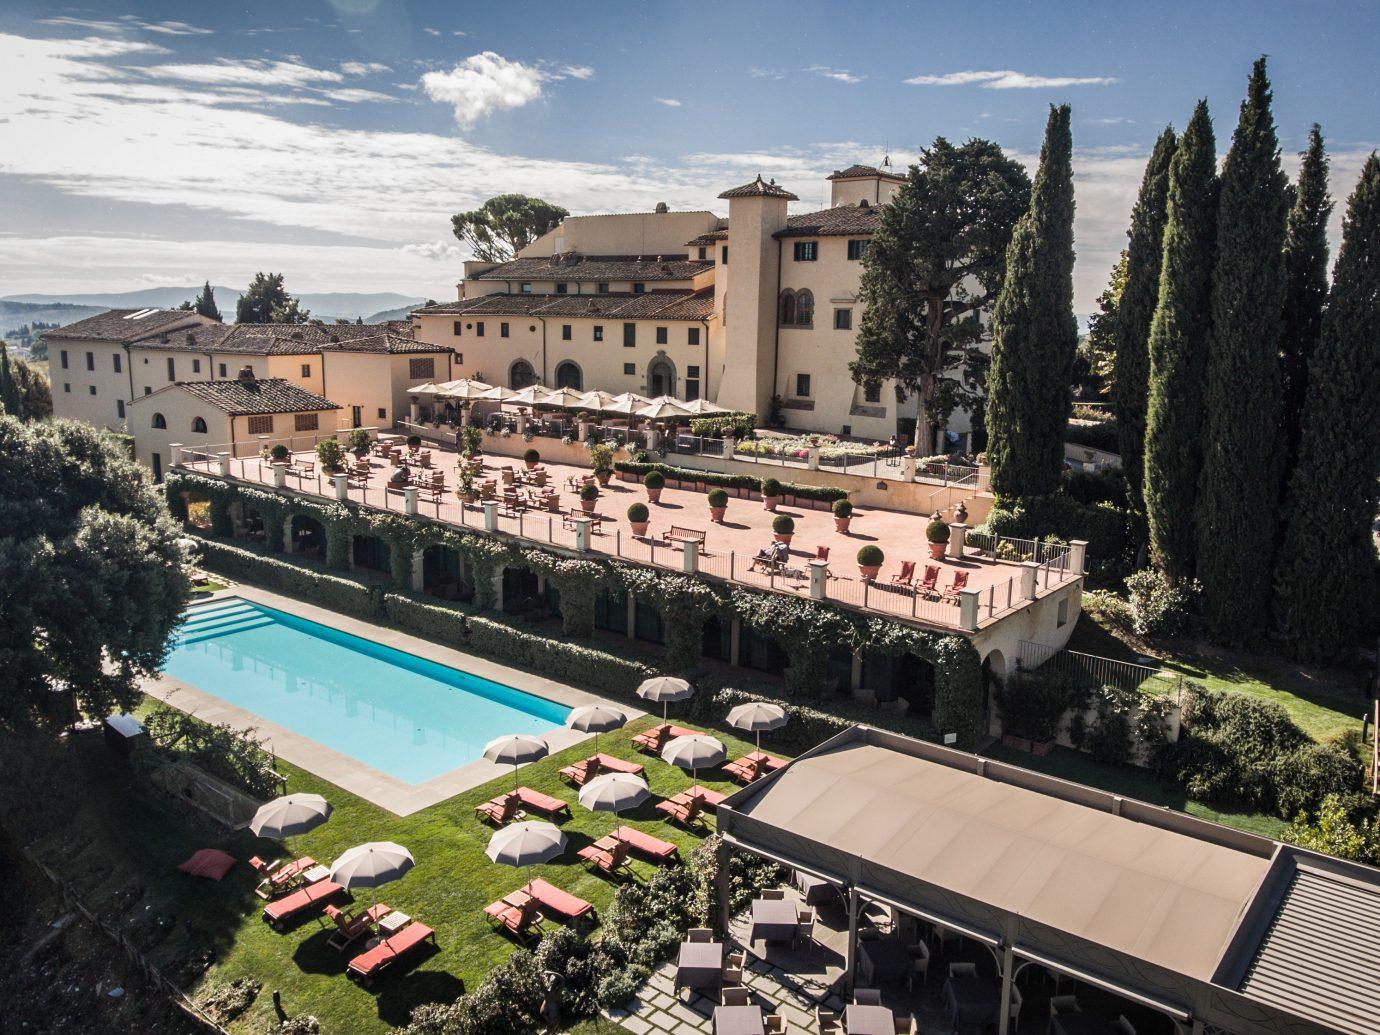 Pool view at Castello Del Nero